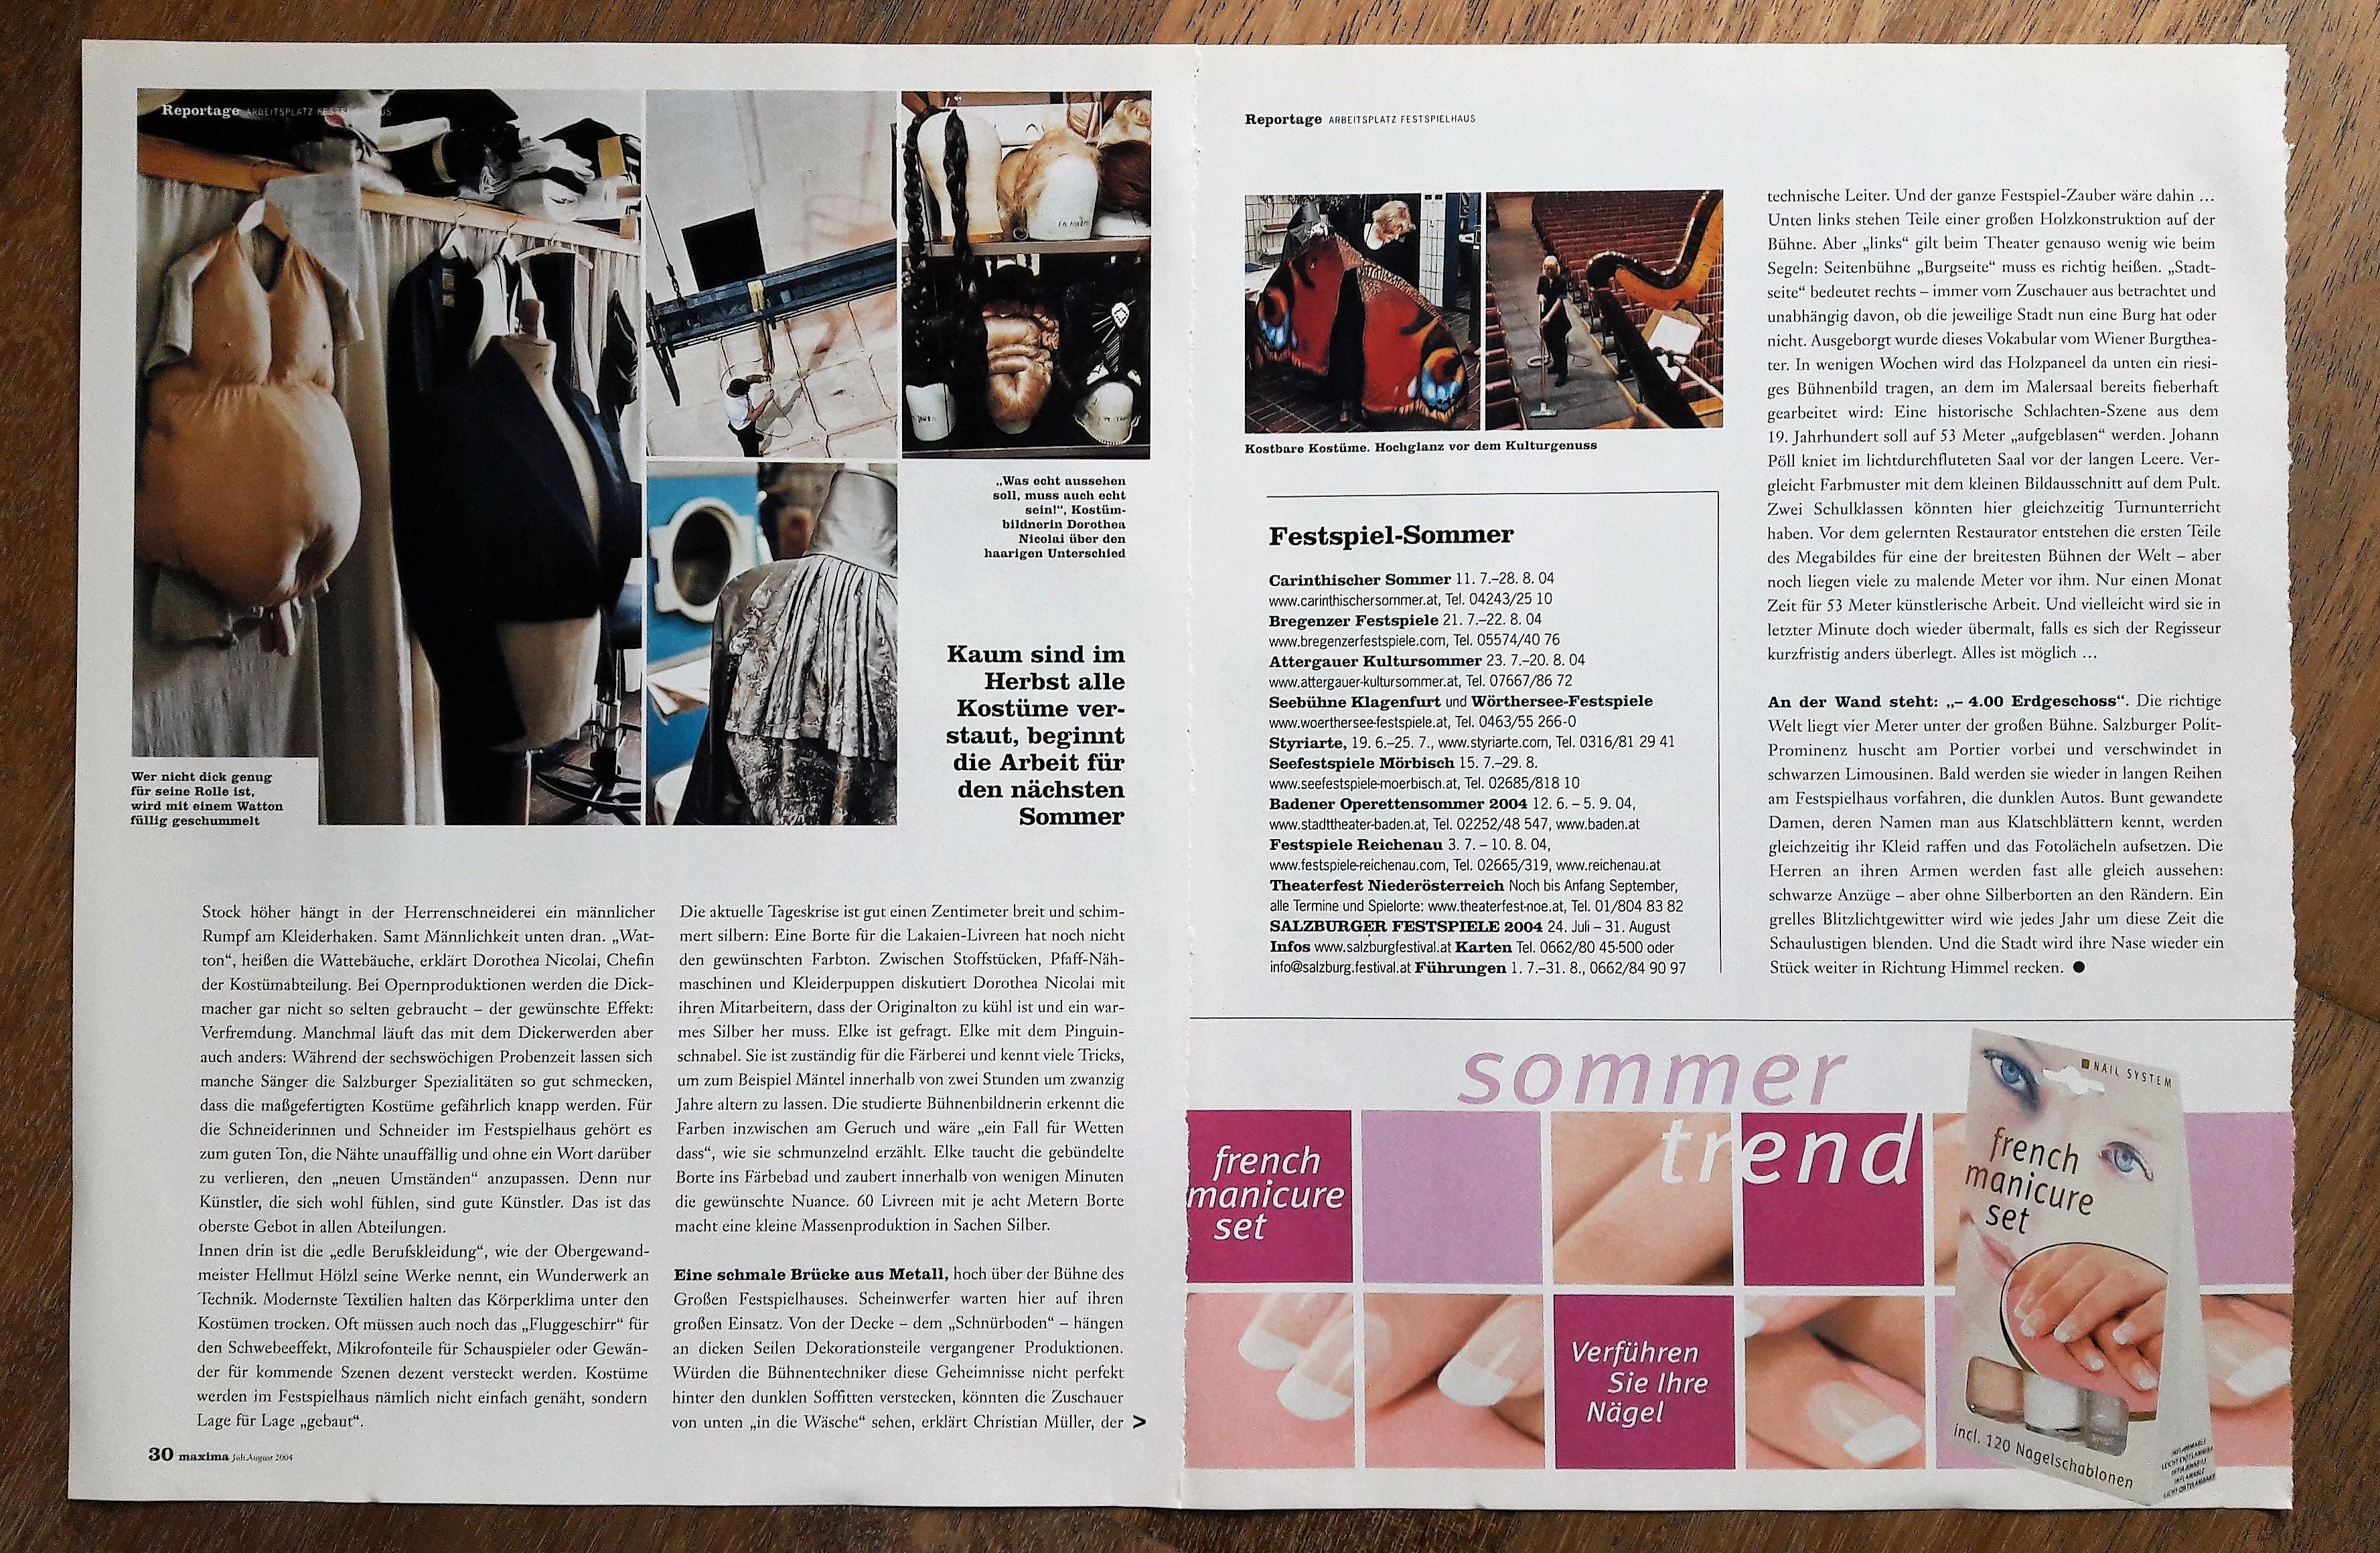 Arbeitsplatz Festspielhaus_Reportage_maxima 082004_m kaltenstein_S 2